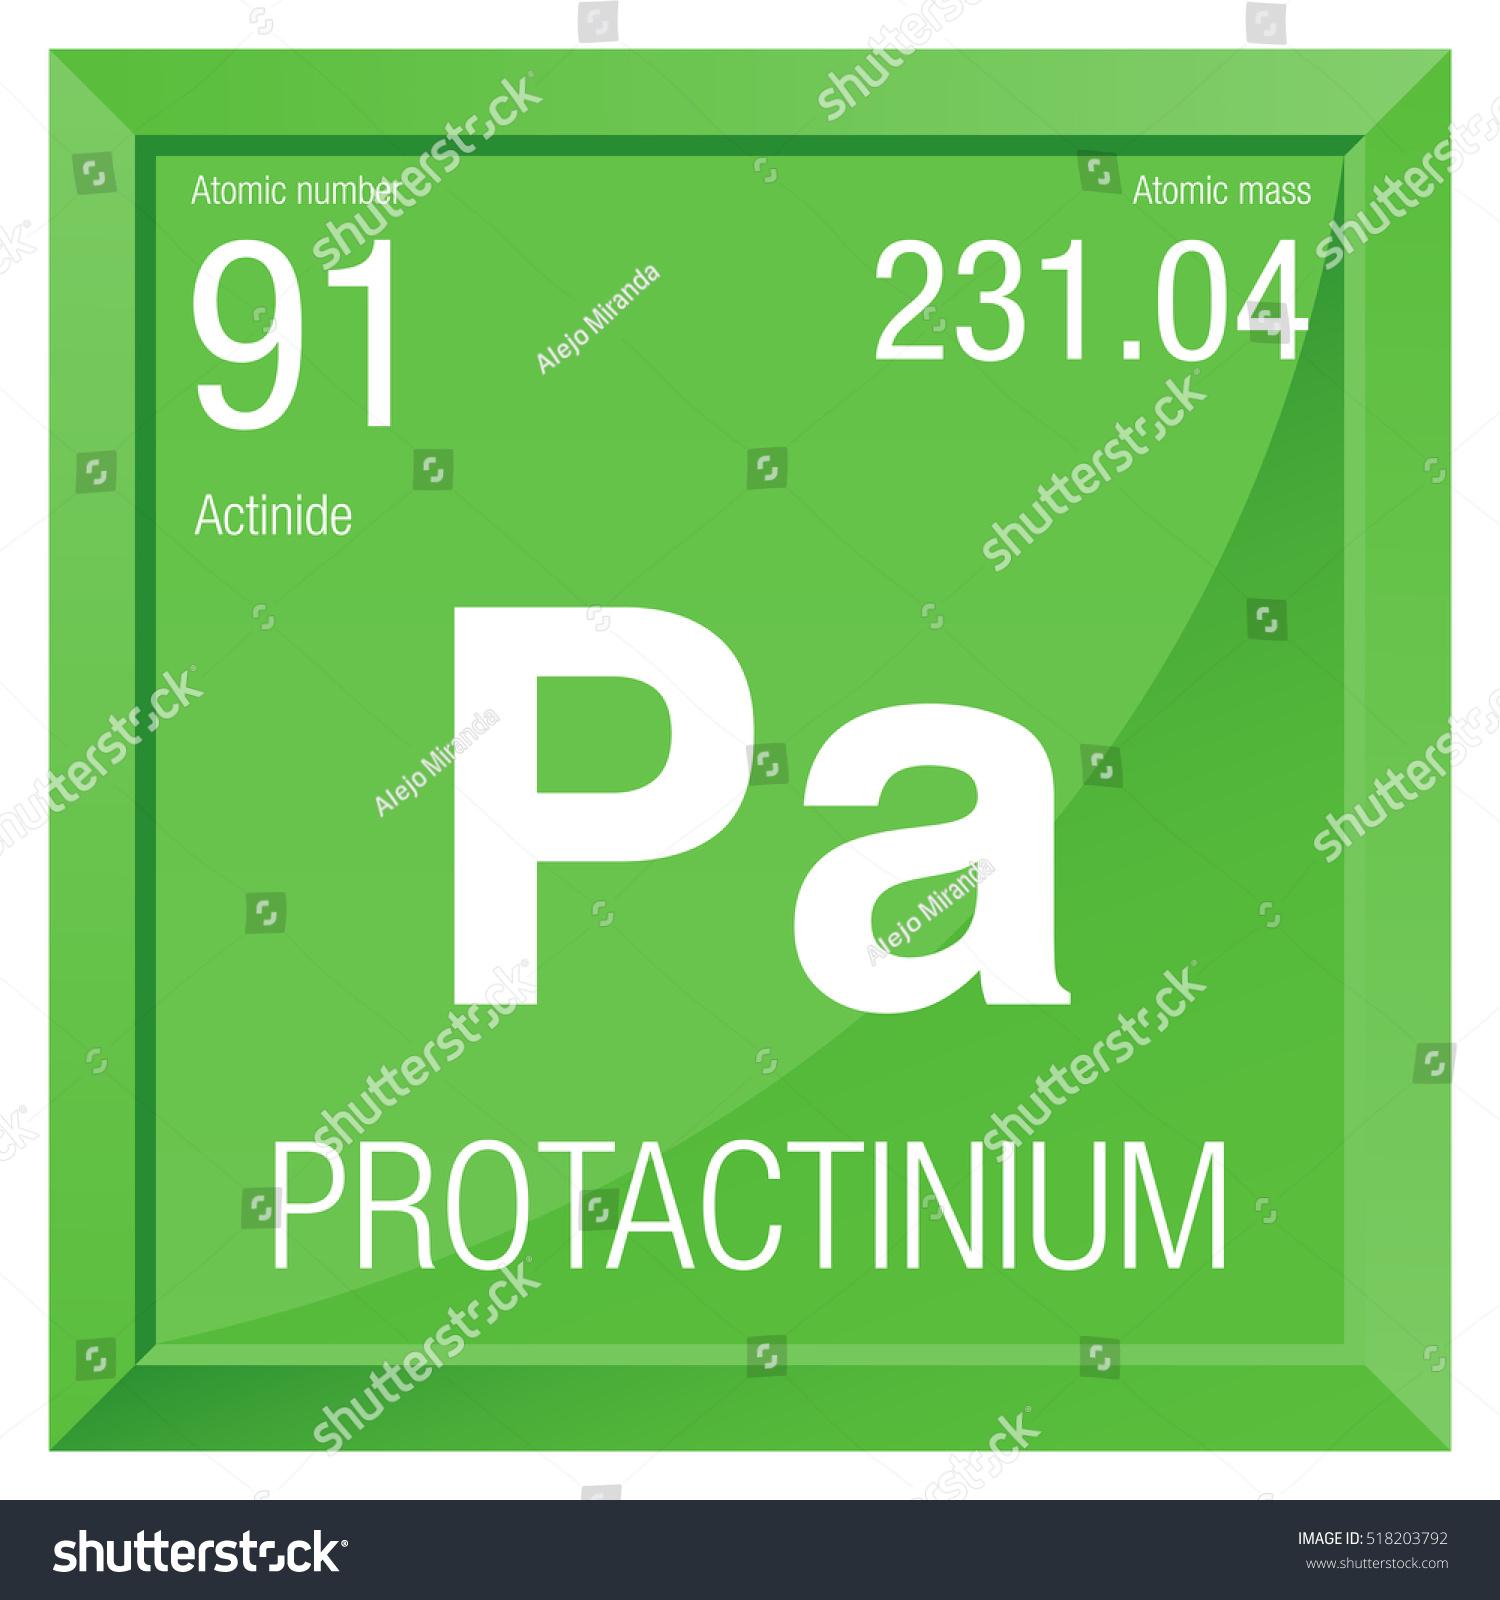 Calcium symbol periodic table image collections periodic table protactinium symbol element number 91 periodic stock vector protactinium symbol element number 91 of the periodic gamestrikefo Images